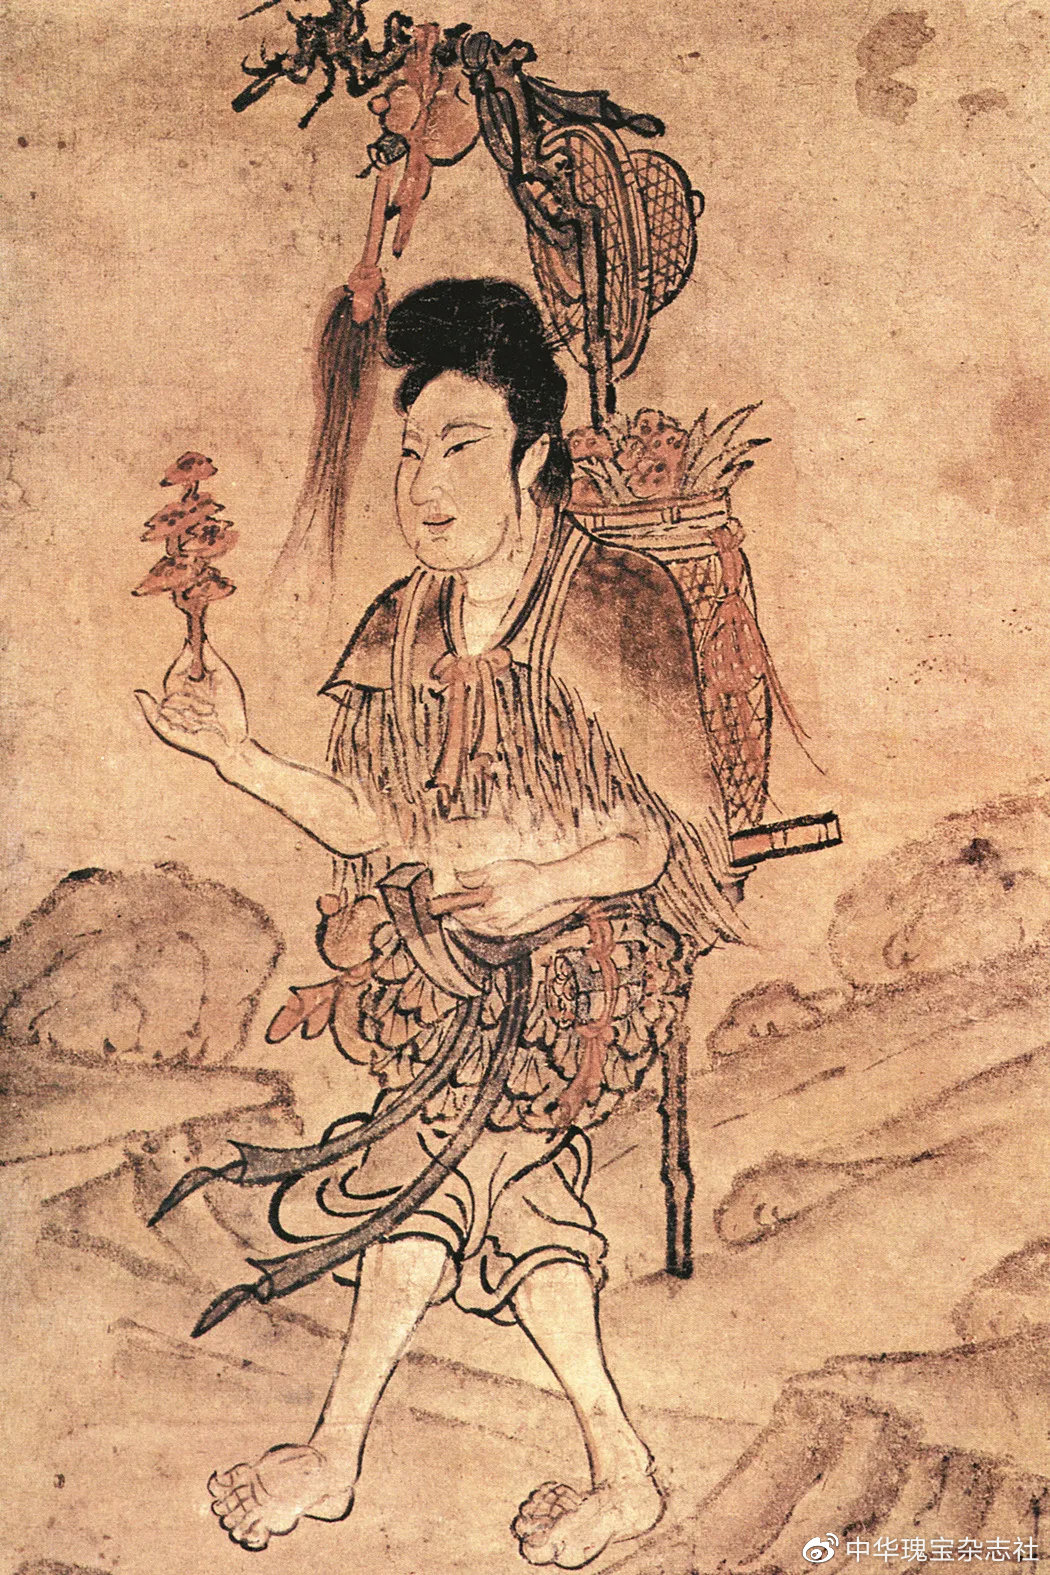 「翟新明」由圣及俗:上古神话与历史